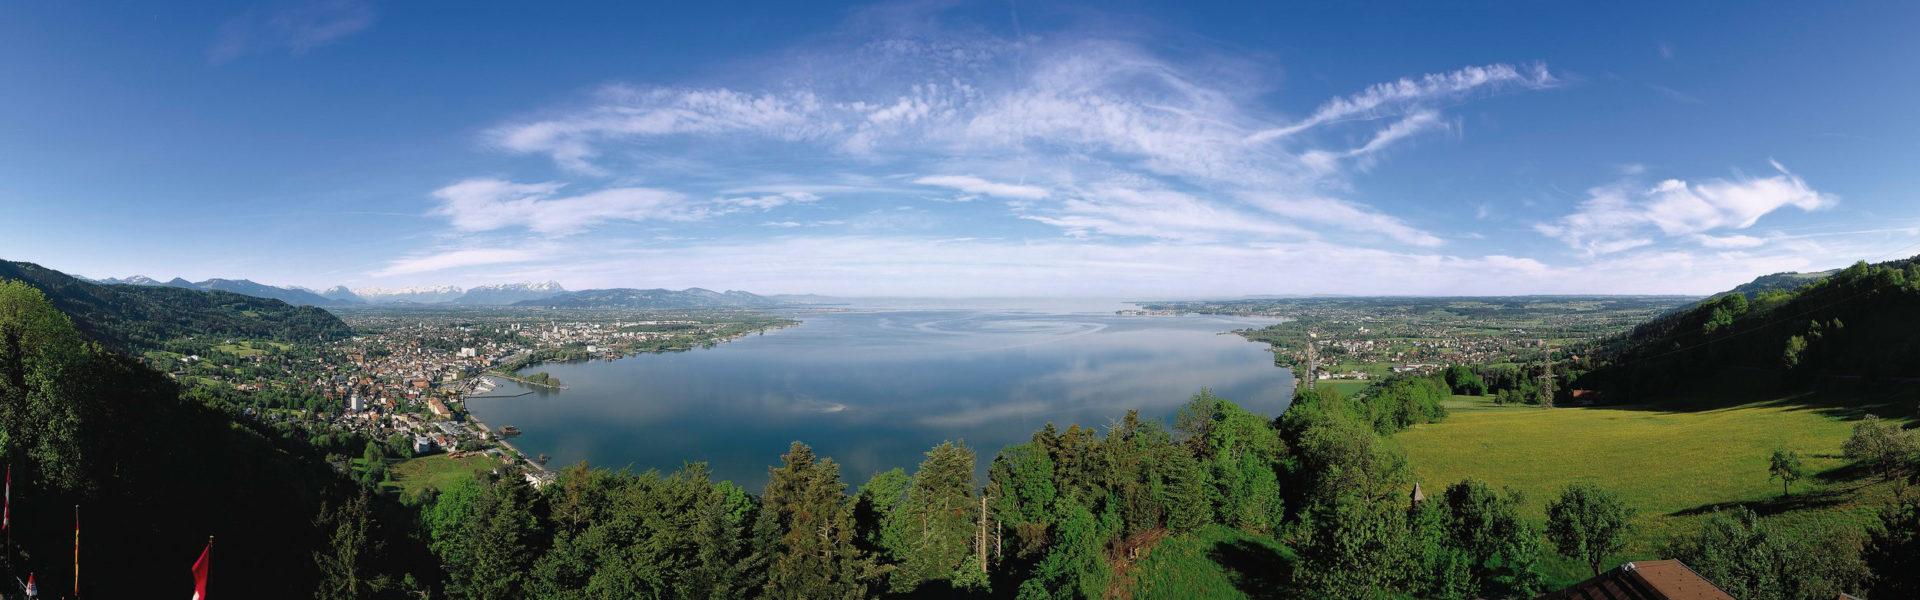 Bodensee-Panorama © Walter Vonbank / Vorarlberg Tourismus